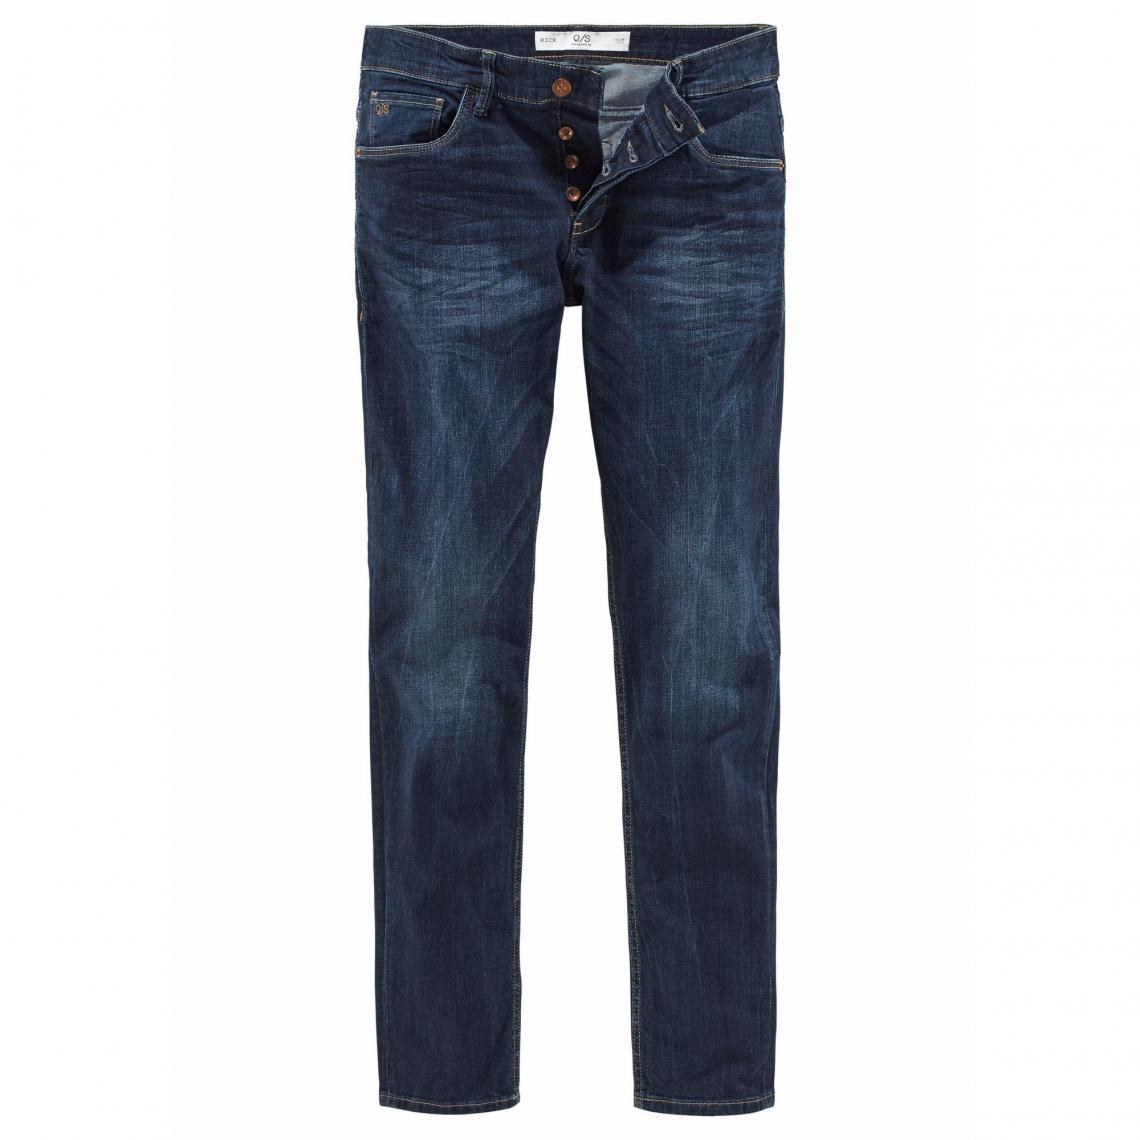 c0905d358e43 Jean slim fit homme QS - Bleu | 3 SUISSES